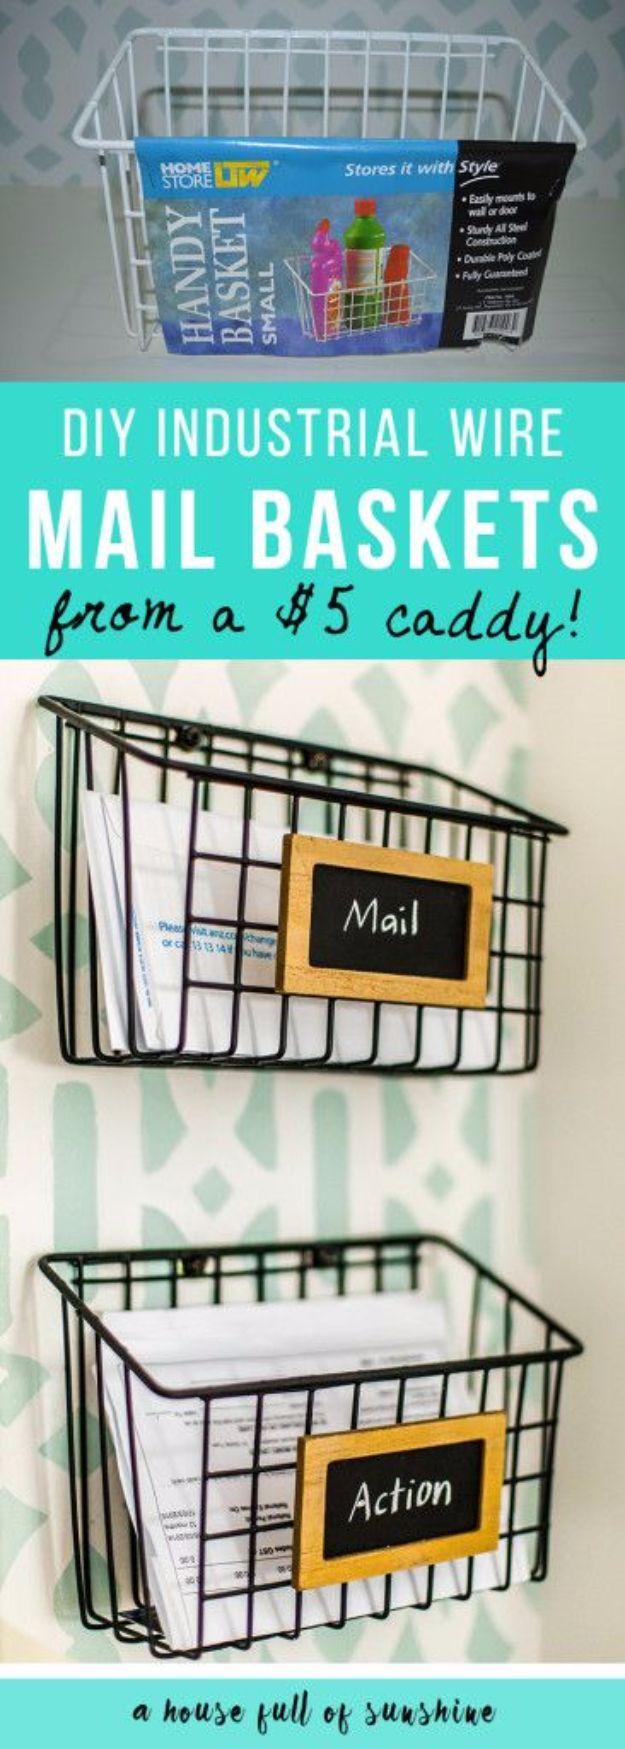 Diy Storage Container Ideas 25 Best Dollar Store Organization Ideas On Pinterest Kitchen